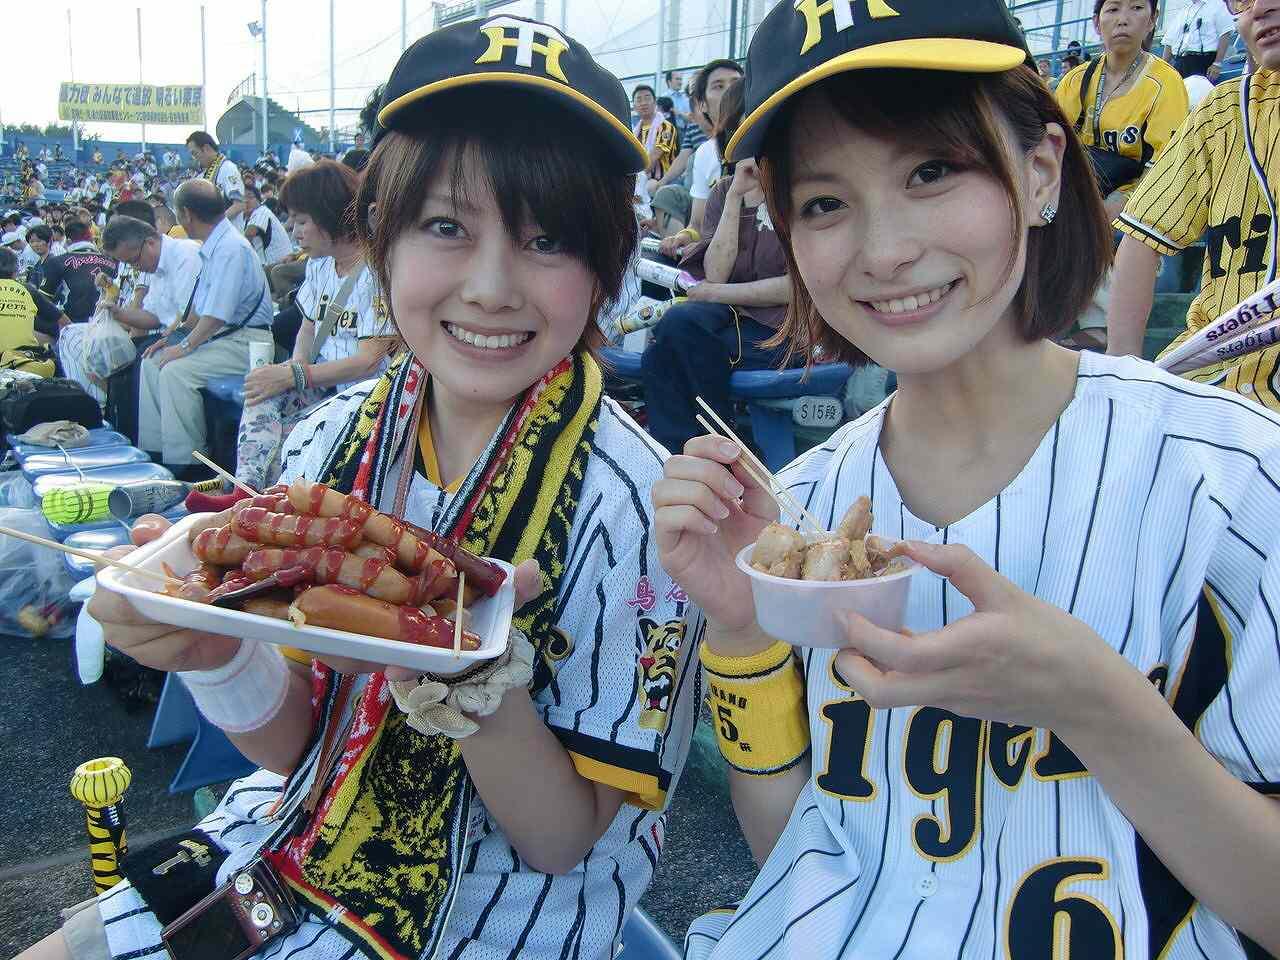 球場で阪神タイガースのユニフォームを着た多喜美奈子